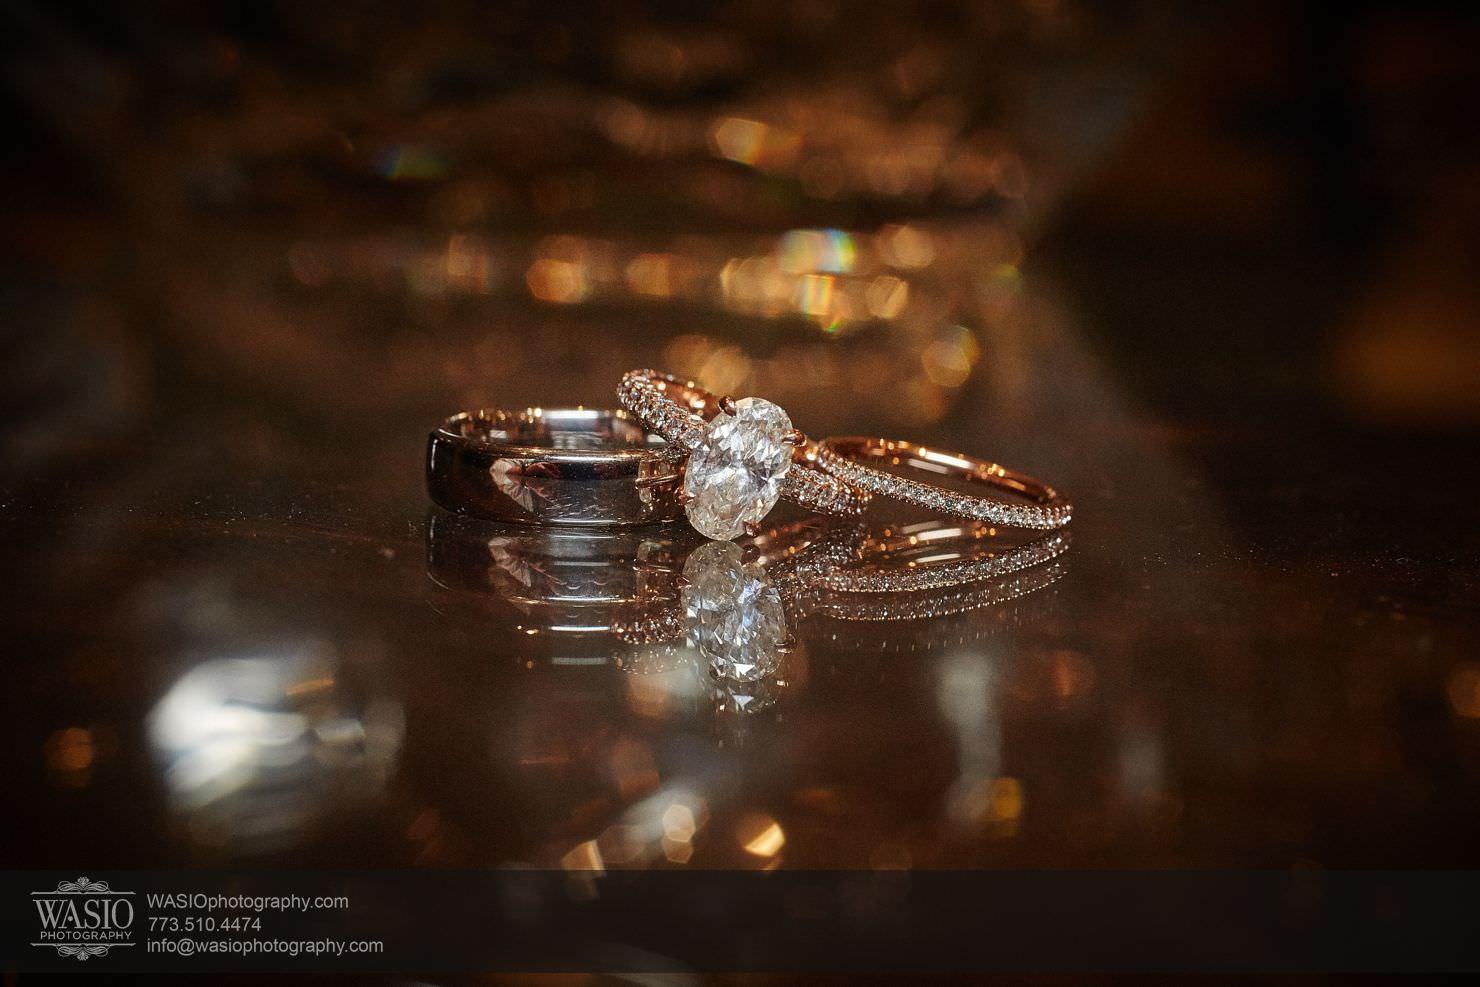 21_Chicago-Gallery-Wedding_0O3A8097 Chicago Gallery Wedding - Courtney + Danny